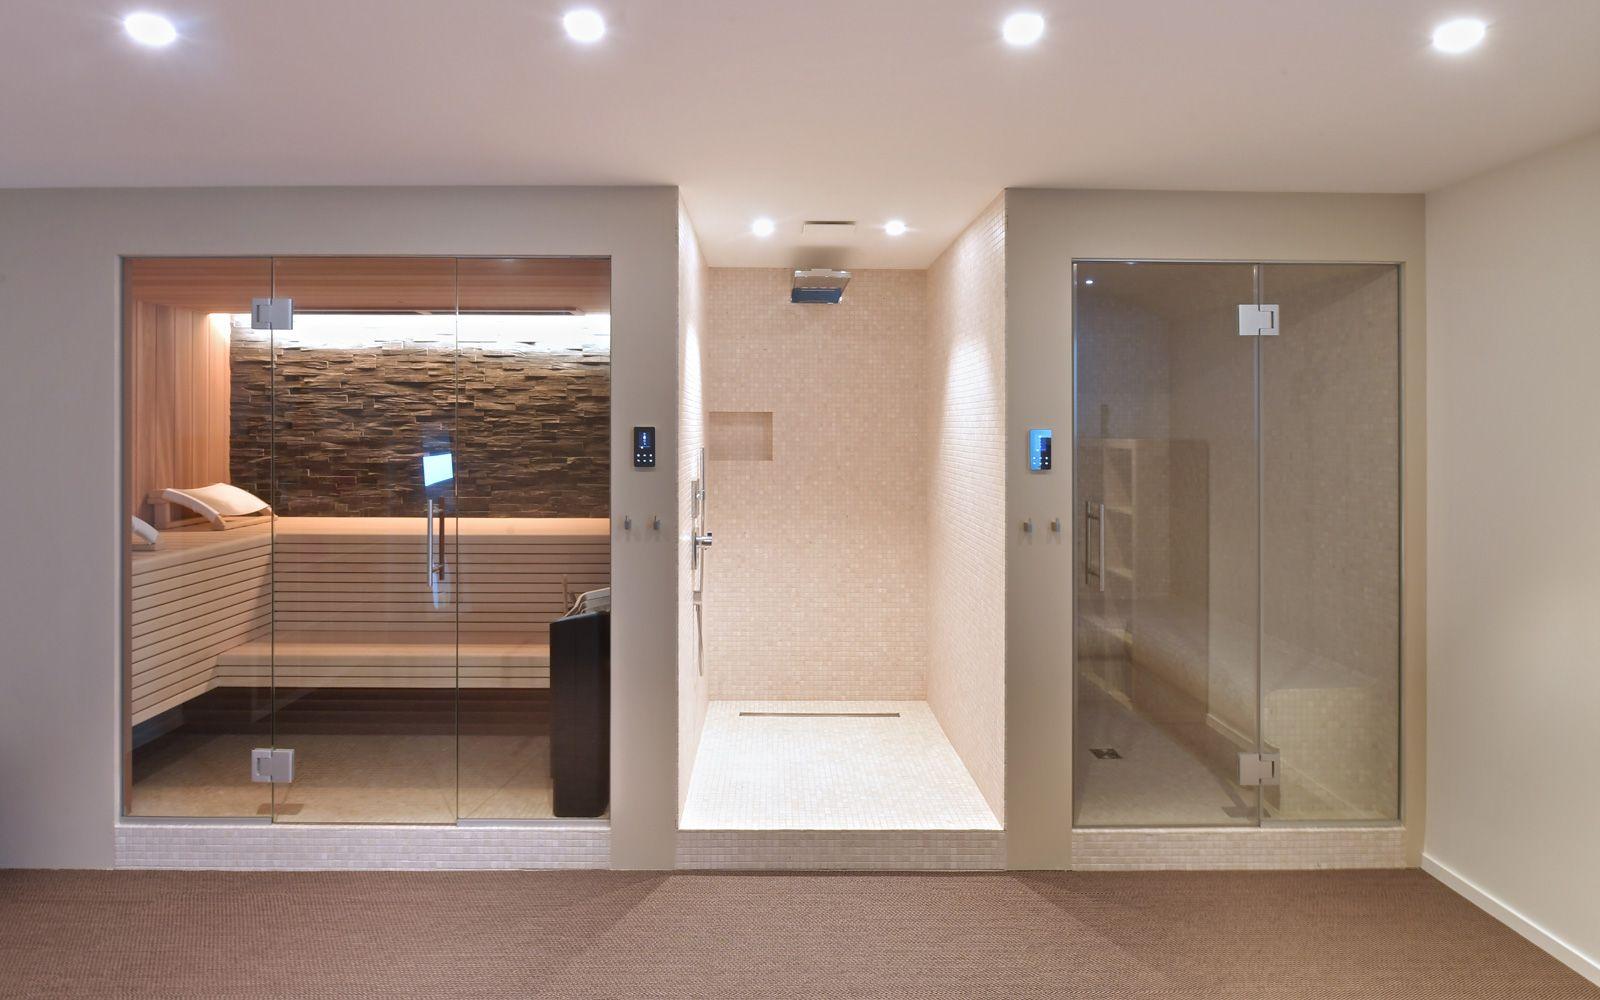 Moderne villa interieur pinterest ba o turco ba os y sauna - Bano turco en casa ...